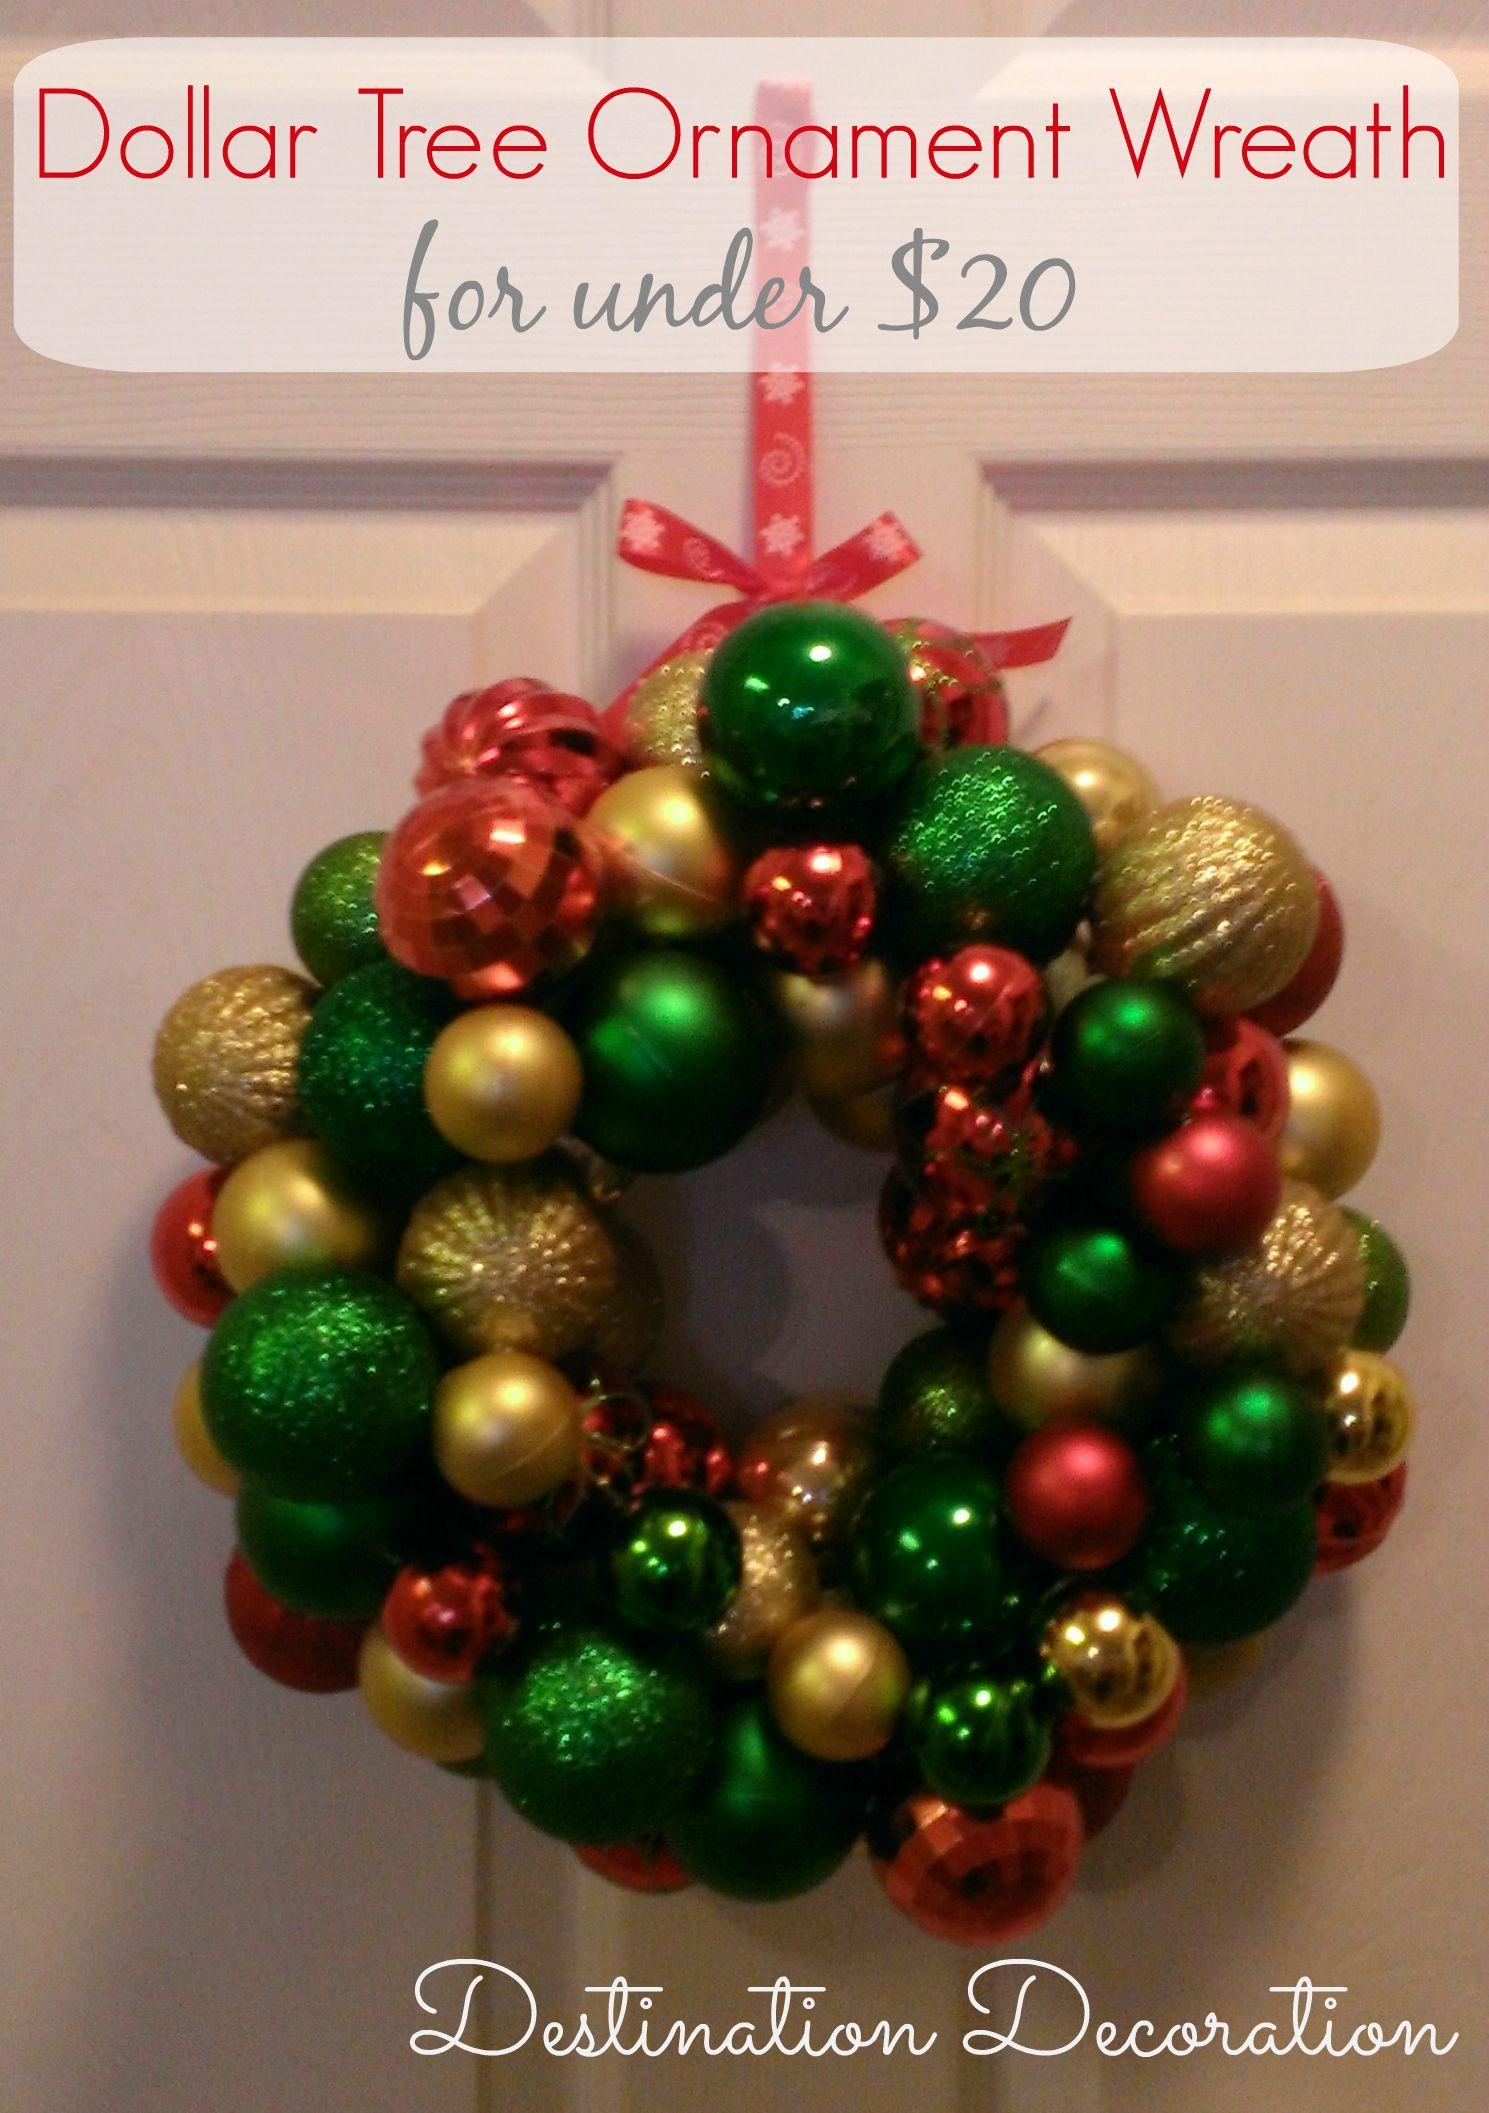 DIY Dollar Tree Ornament Wreath Ornament wreath, Wreaths